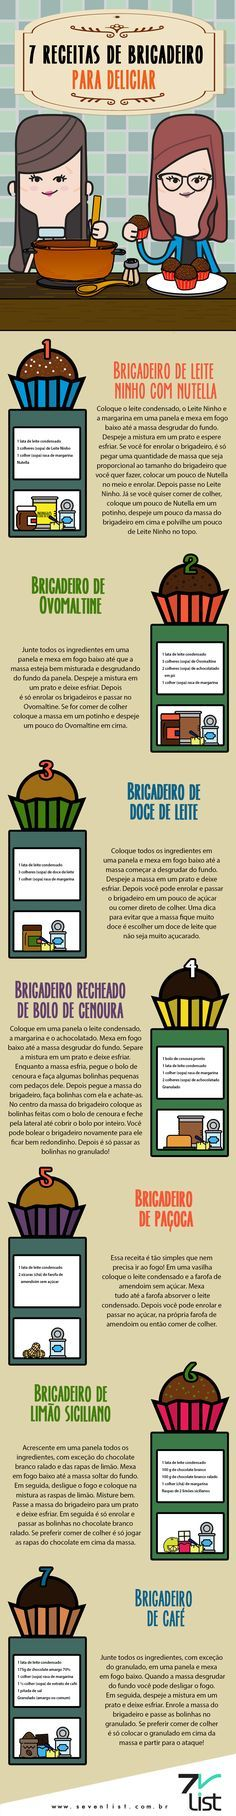 avidadoce.com Receitas de #brigadeirogourmet